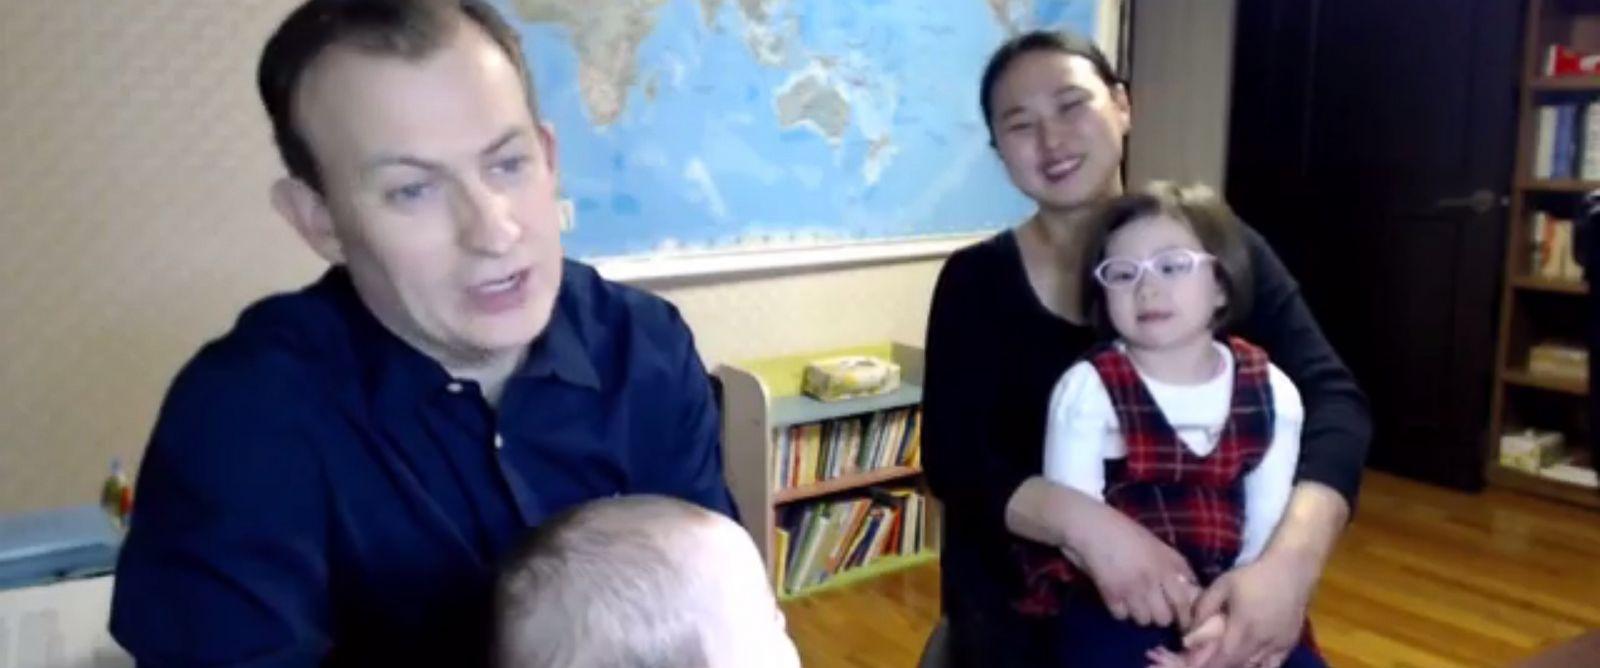 Роберт Келли с семьей на втором интервью ВВС. Фото: abcnews.go.com